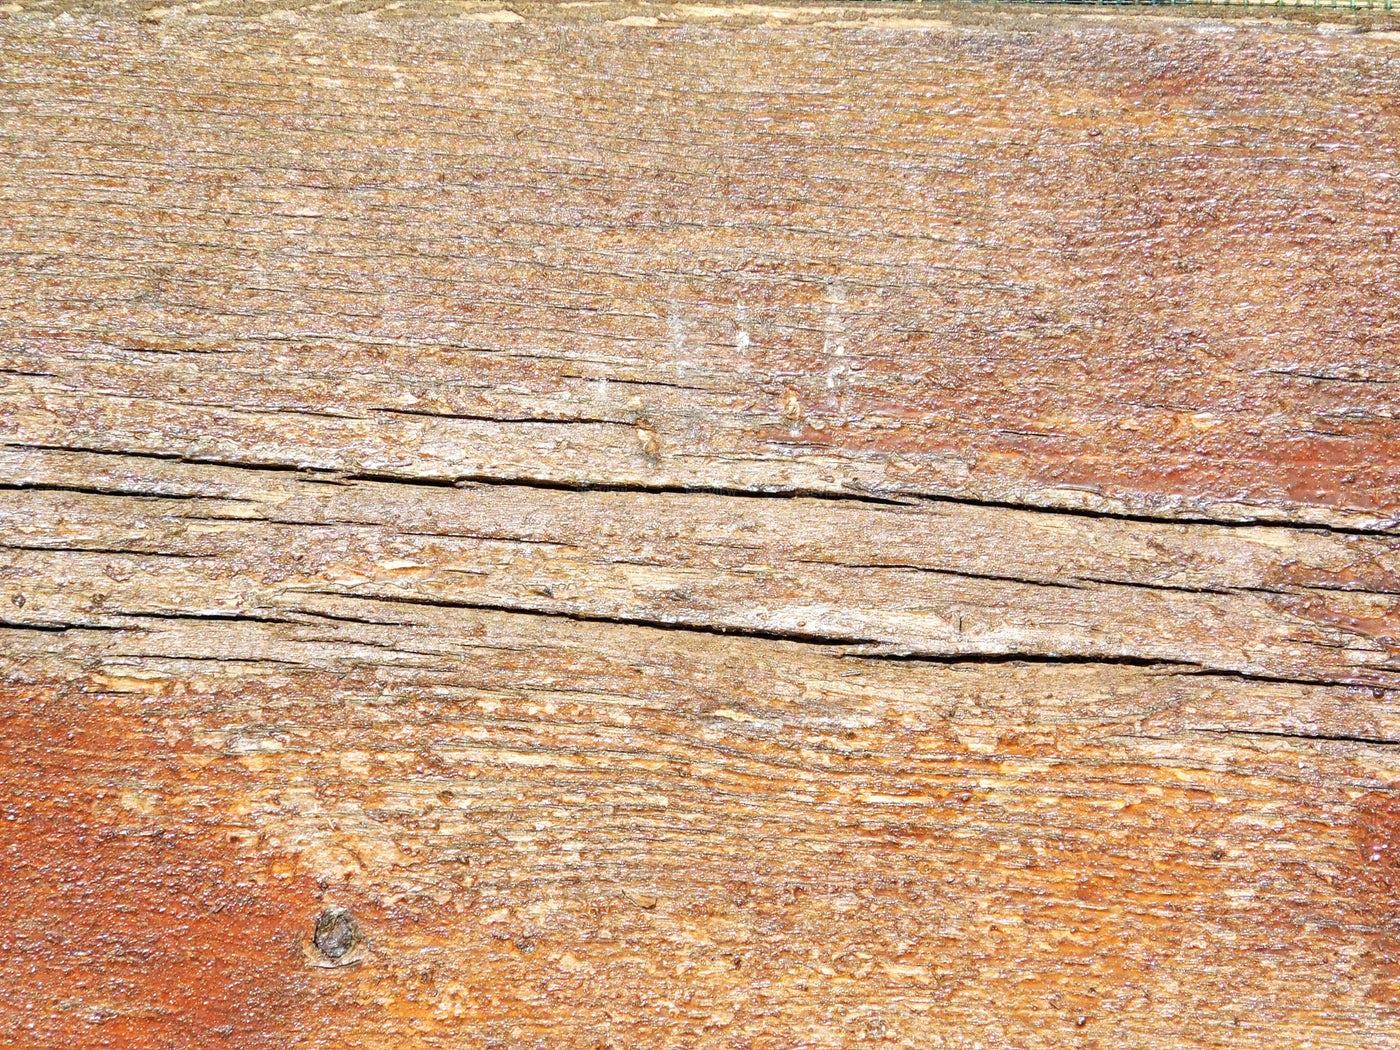 Brown Wood Texture: Stock Photos